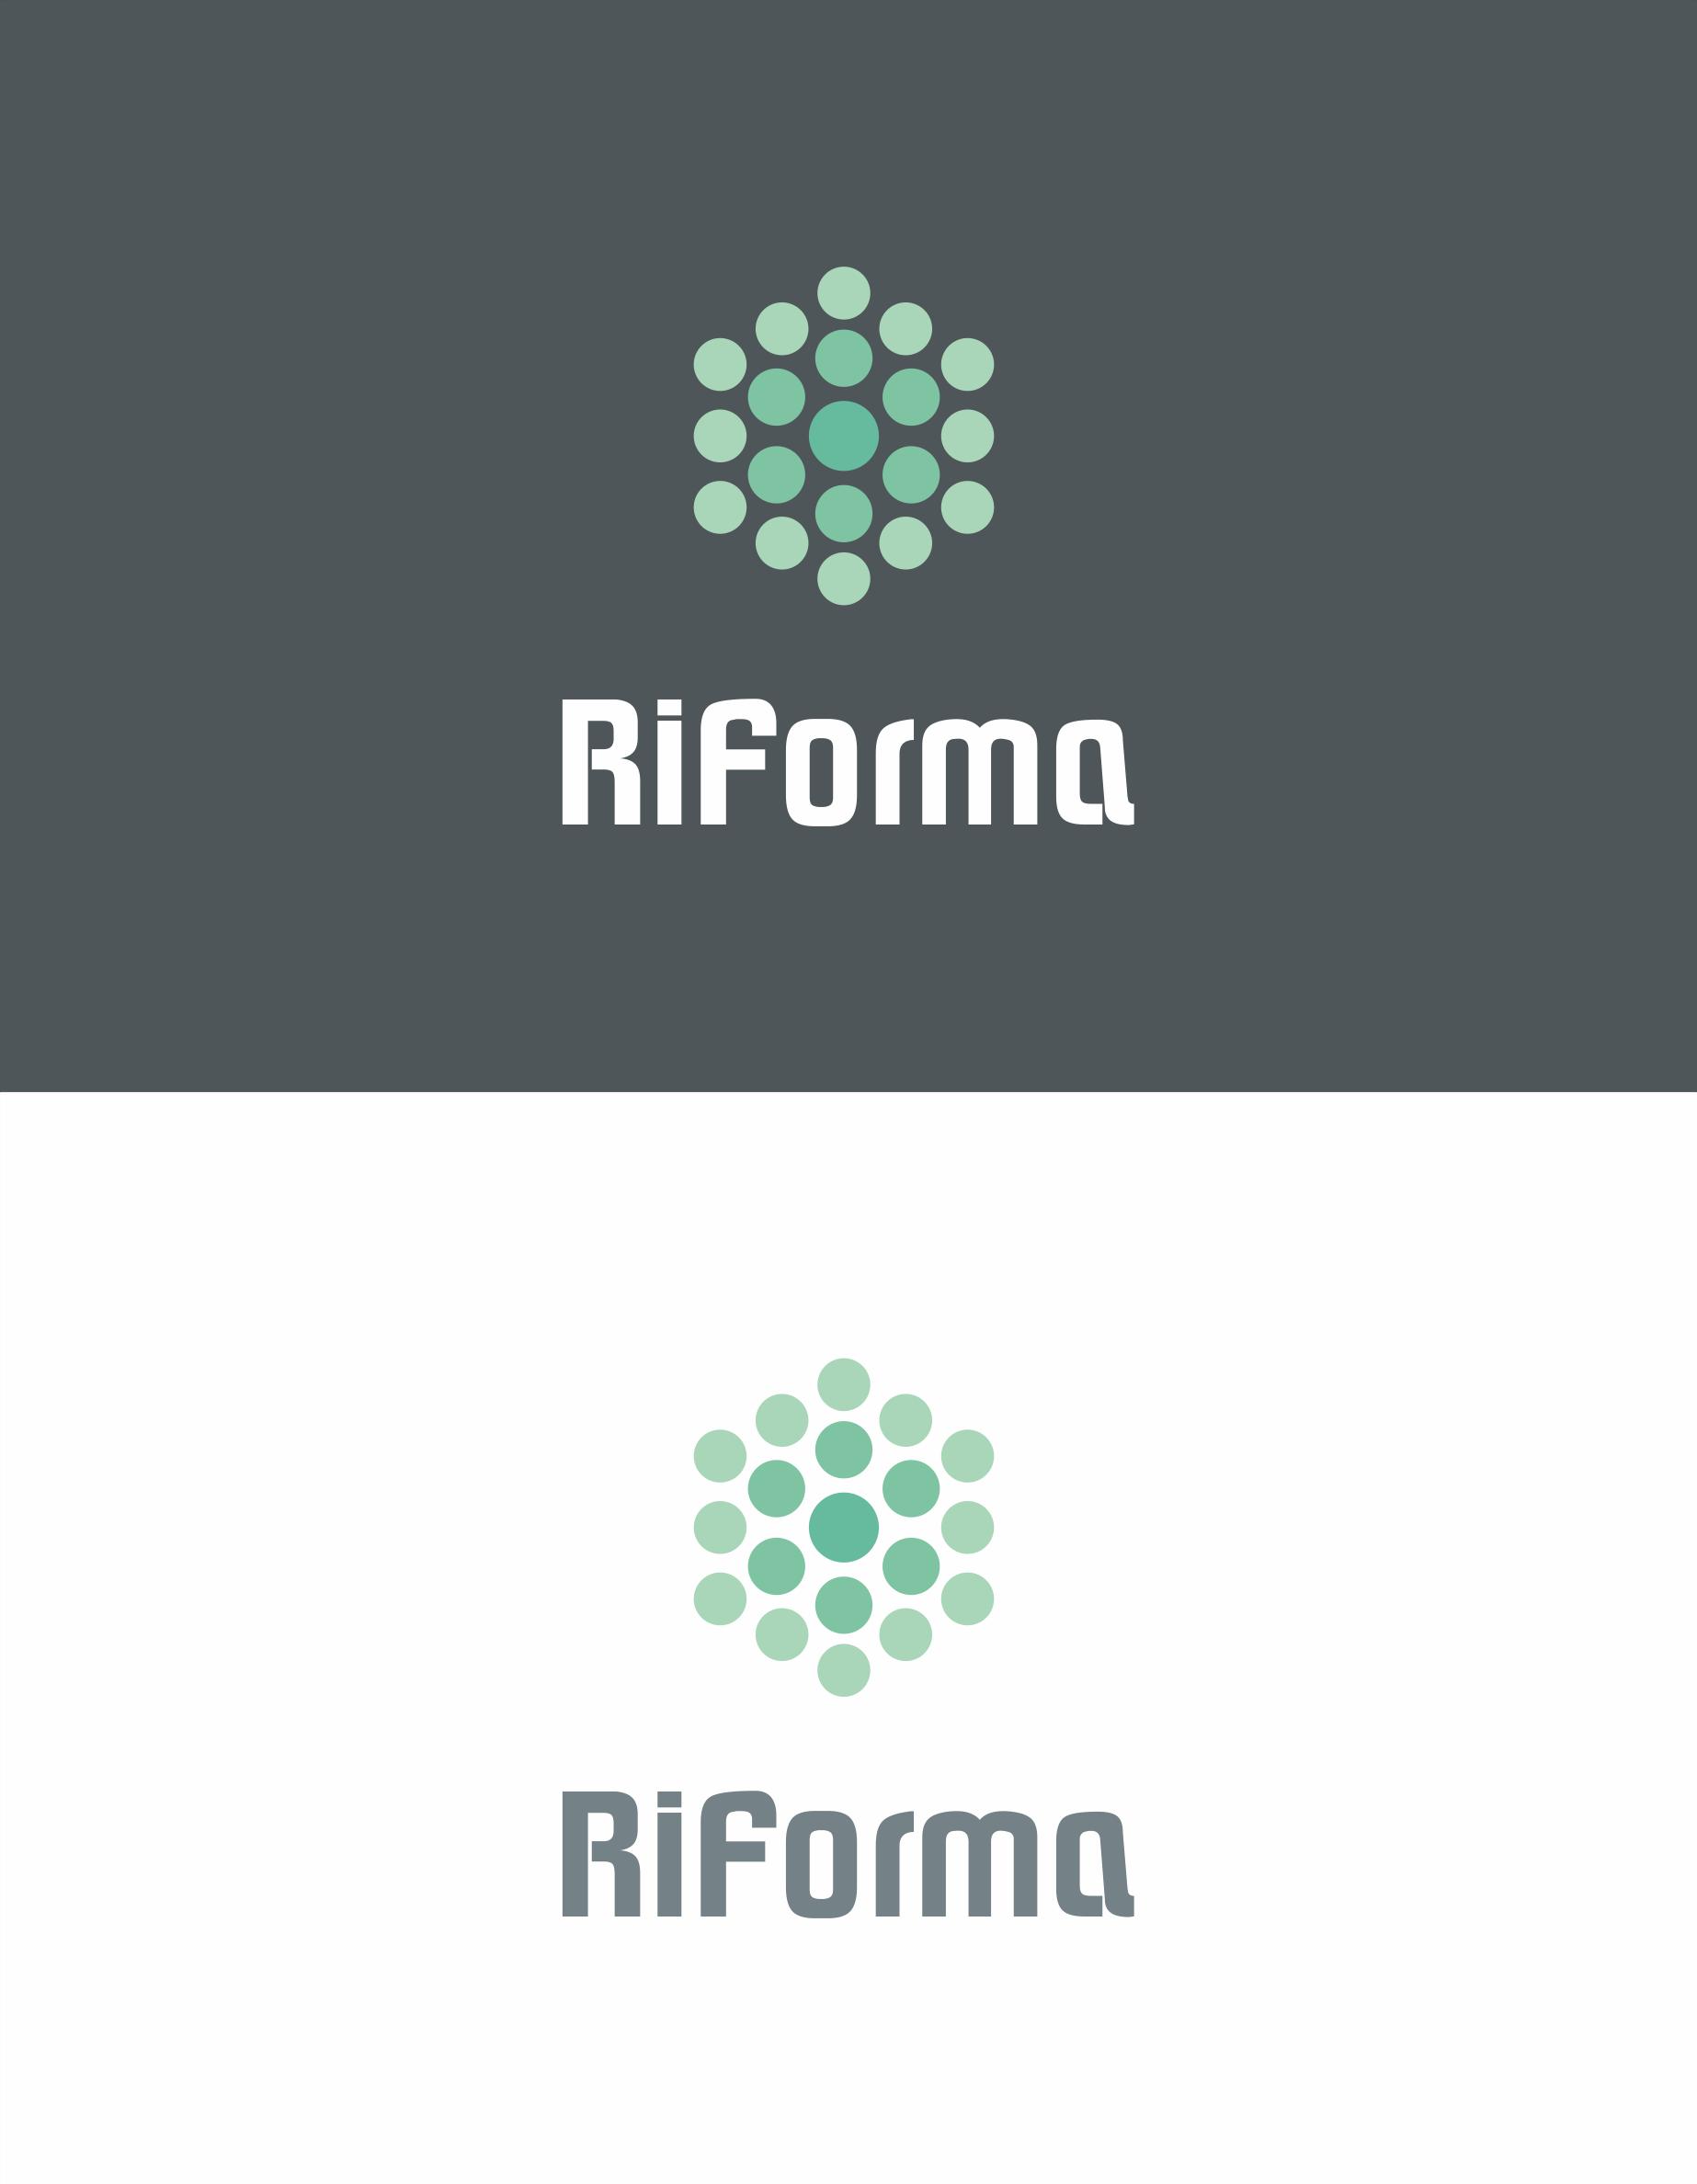 Разработка логотипа и элементов фирменного стиля фото f_014579b92f3aaca0.png